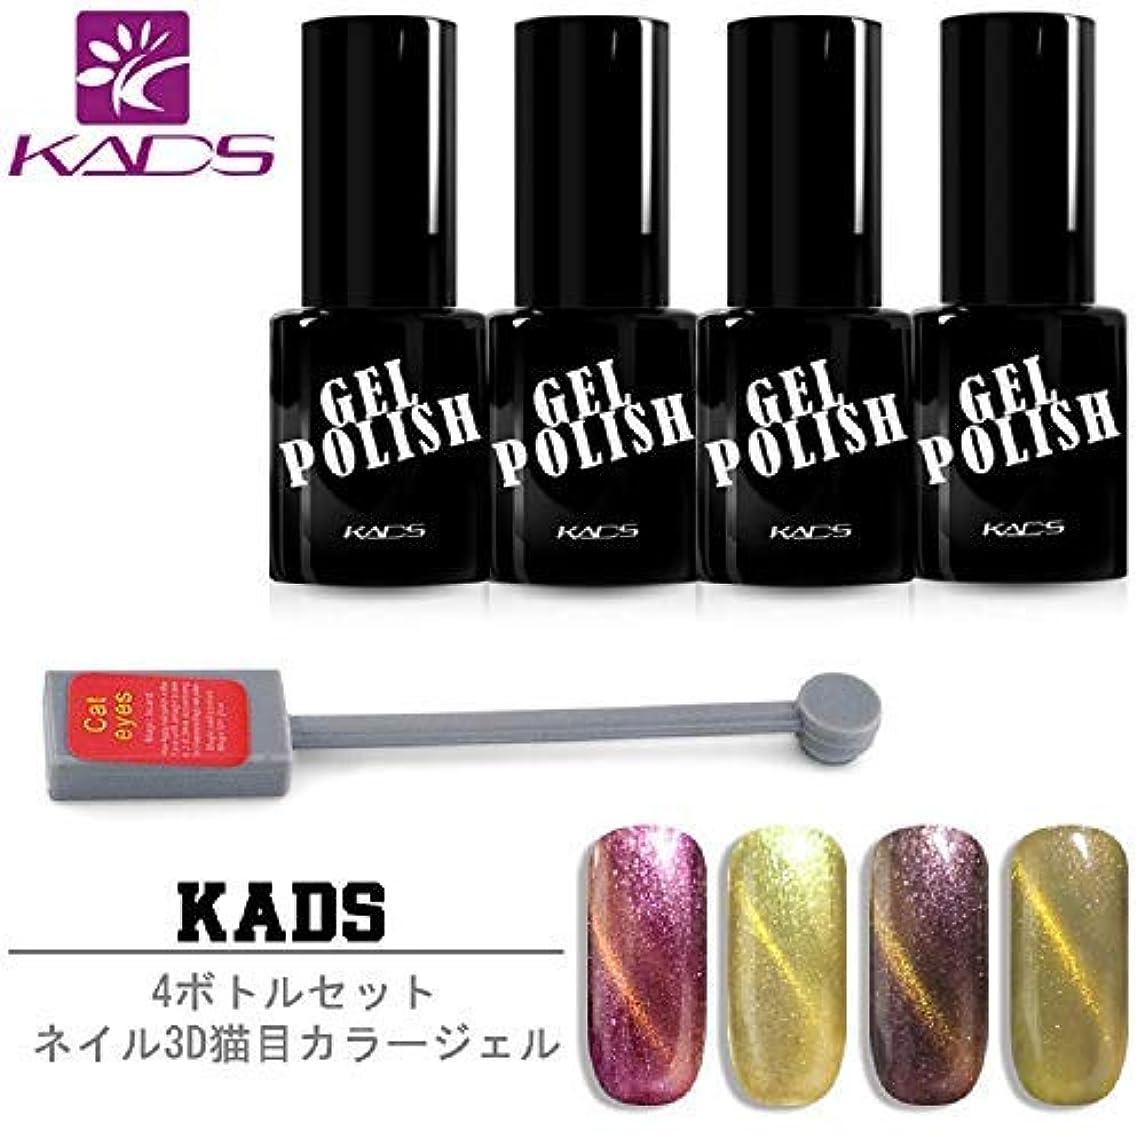 具体的に抹消デッドロックKADS キャッツアイジェル ジェルネイルカラーポリッシュ 4色セット ゴールドなど 猫目 UV/LED対応 マグネット 磁石付き マニキュアセット (セット5)